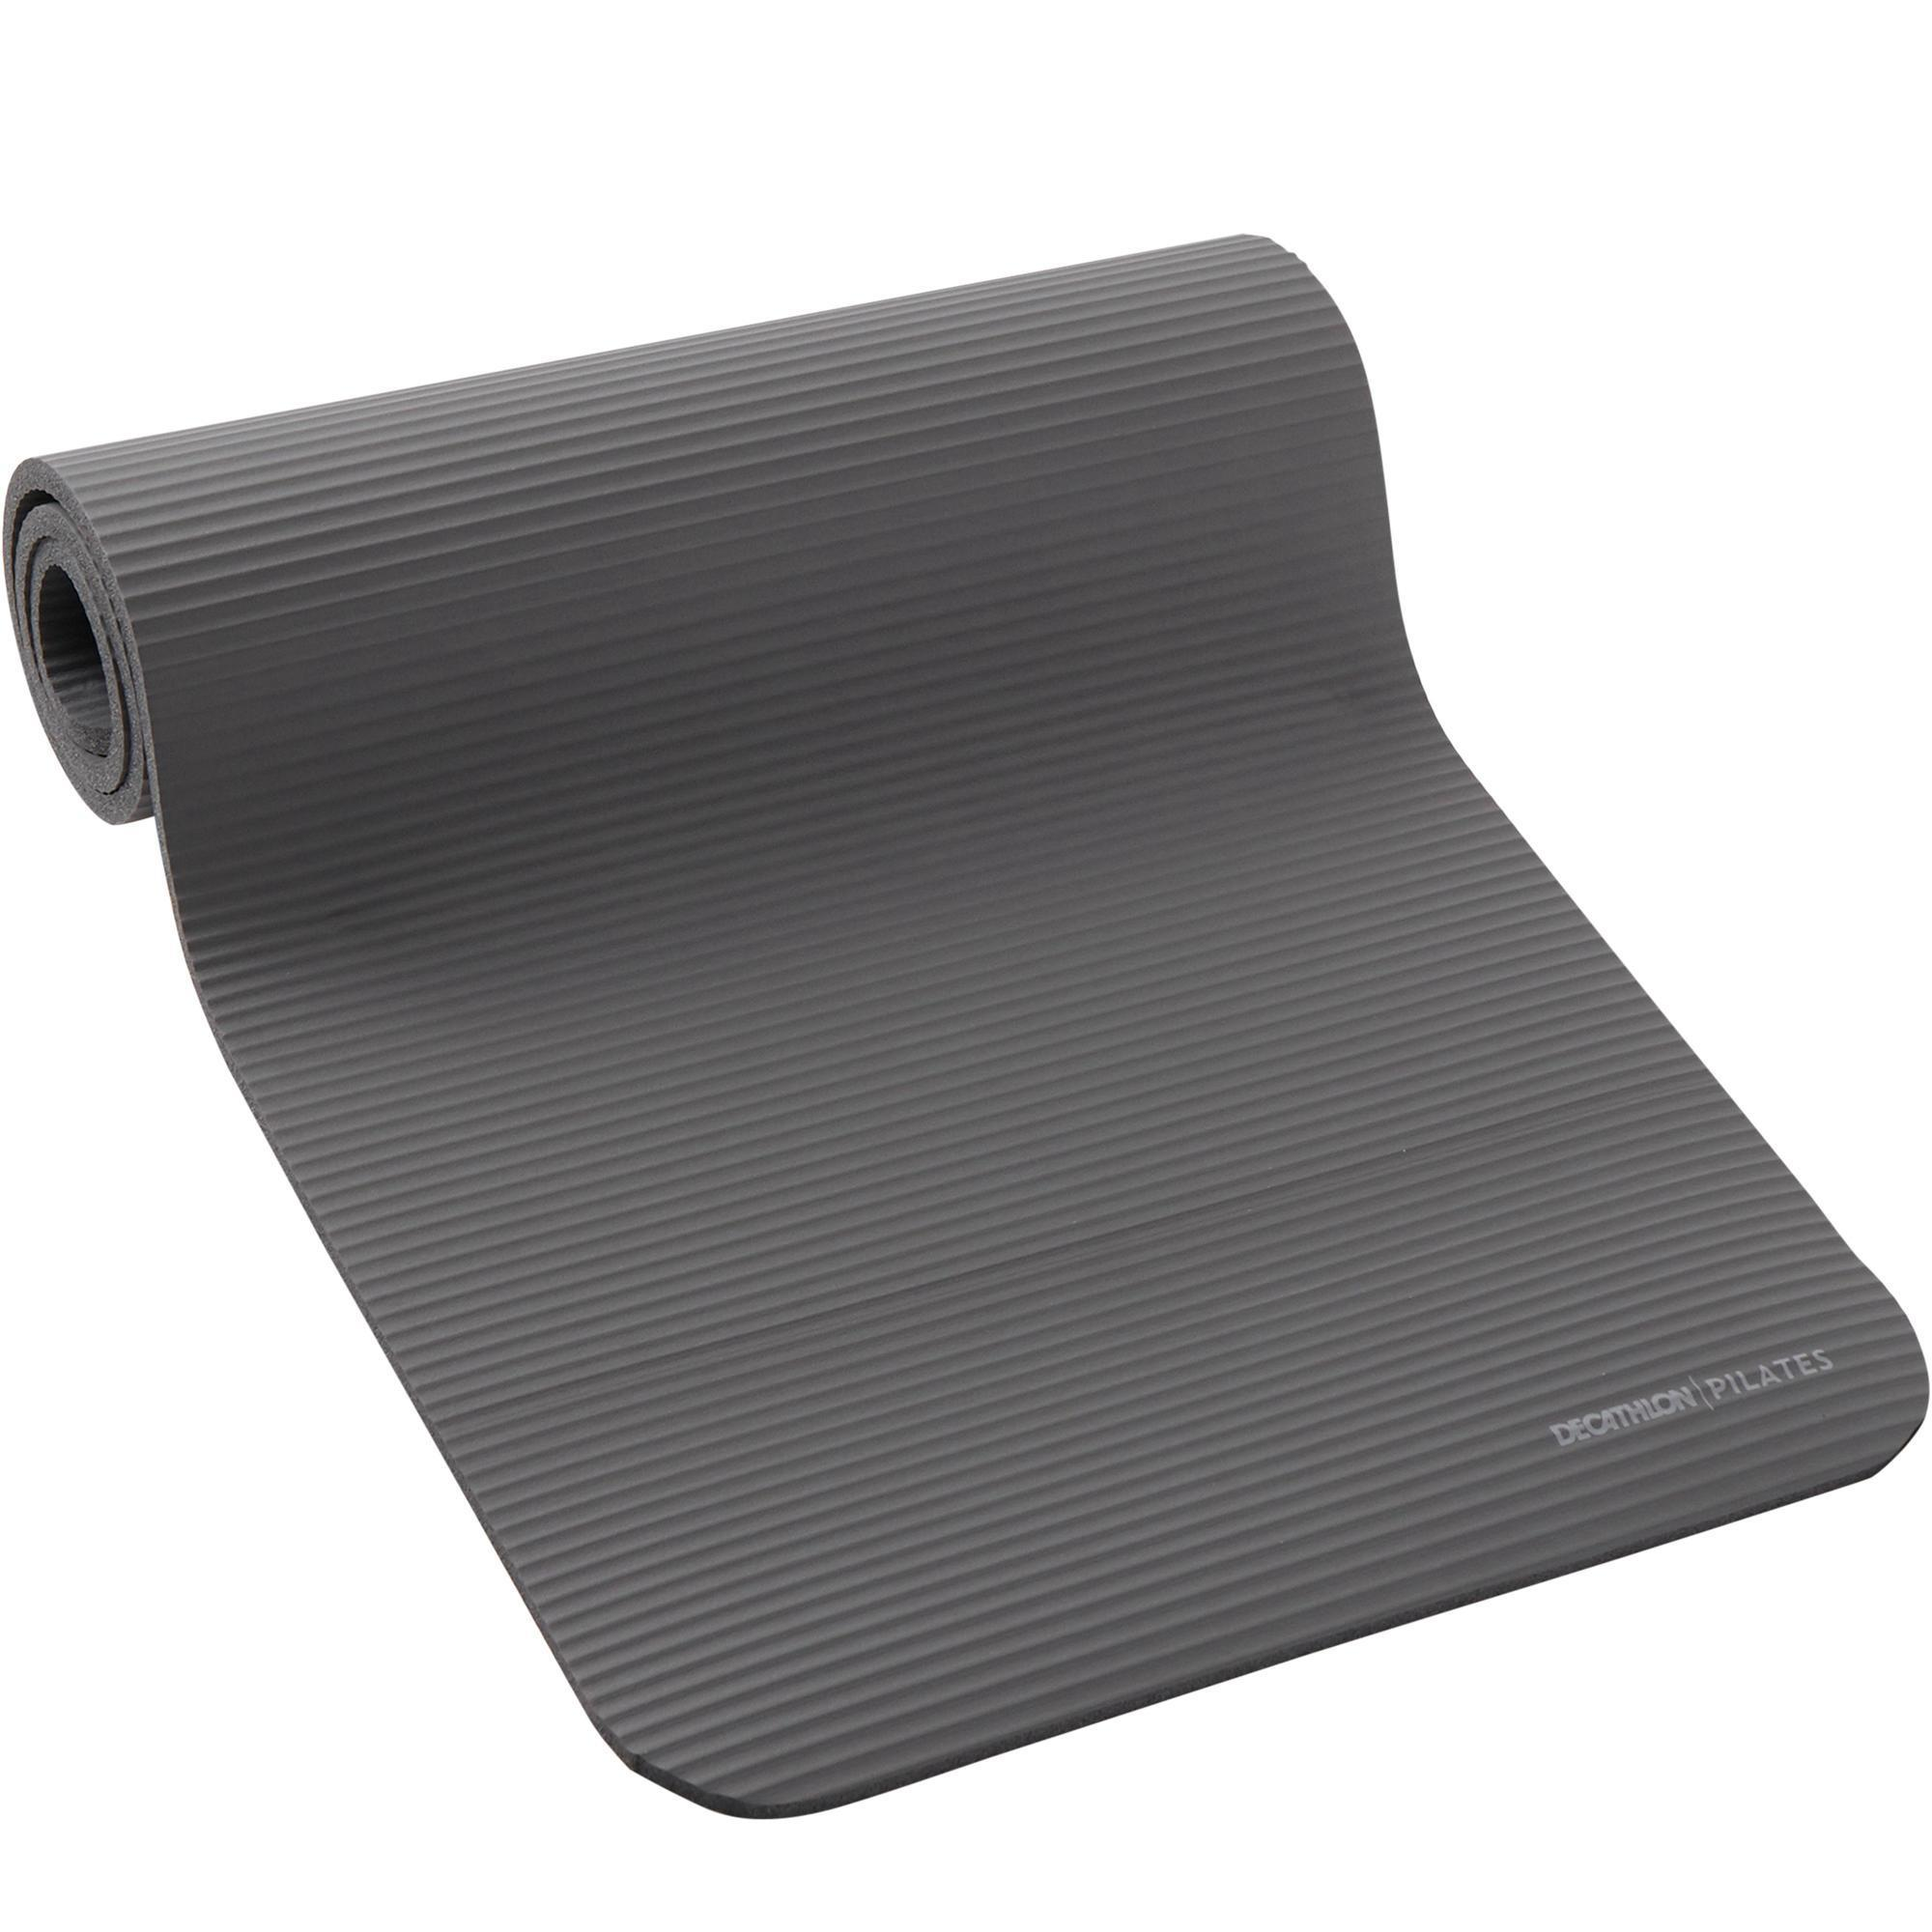 Domyos Pilatesmatje 500 Comfort maat M 15 mm grijs kopen? Sport>Trainingsmateriaal>Trainingsmatjes met voordeel vind je hier